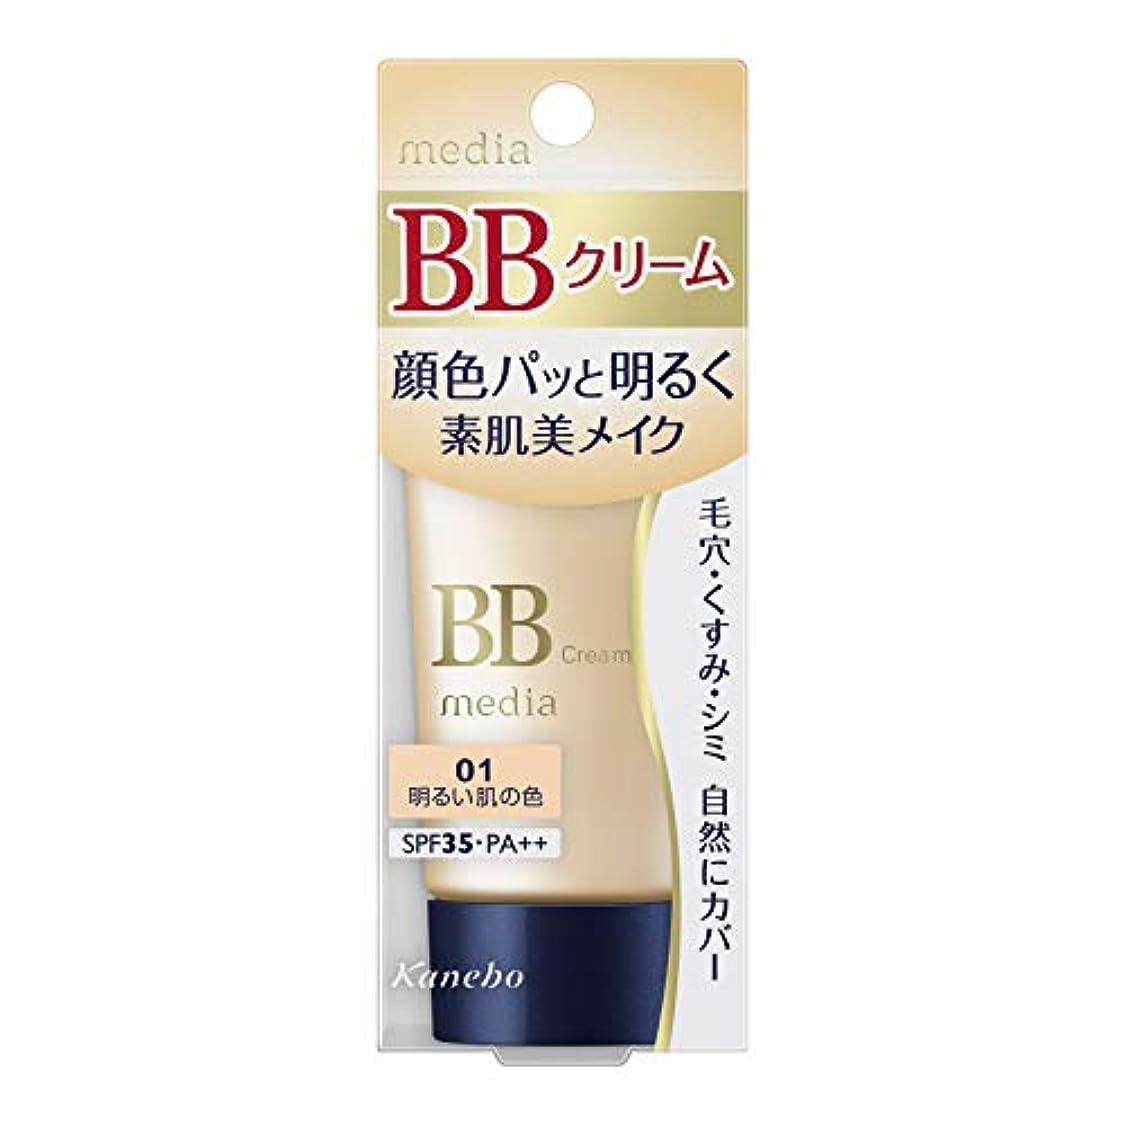 カネボウ化粧品 メディア BBクリームS 01 35g